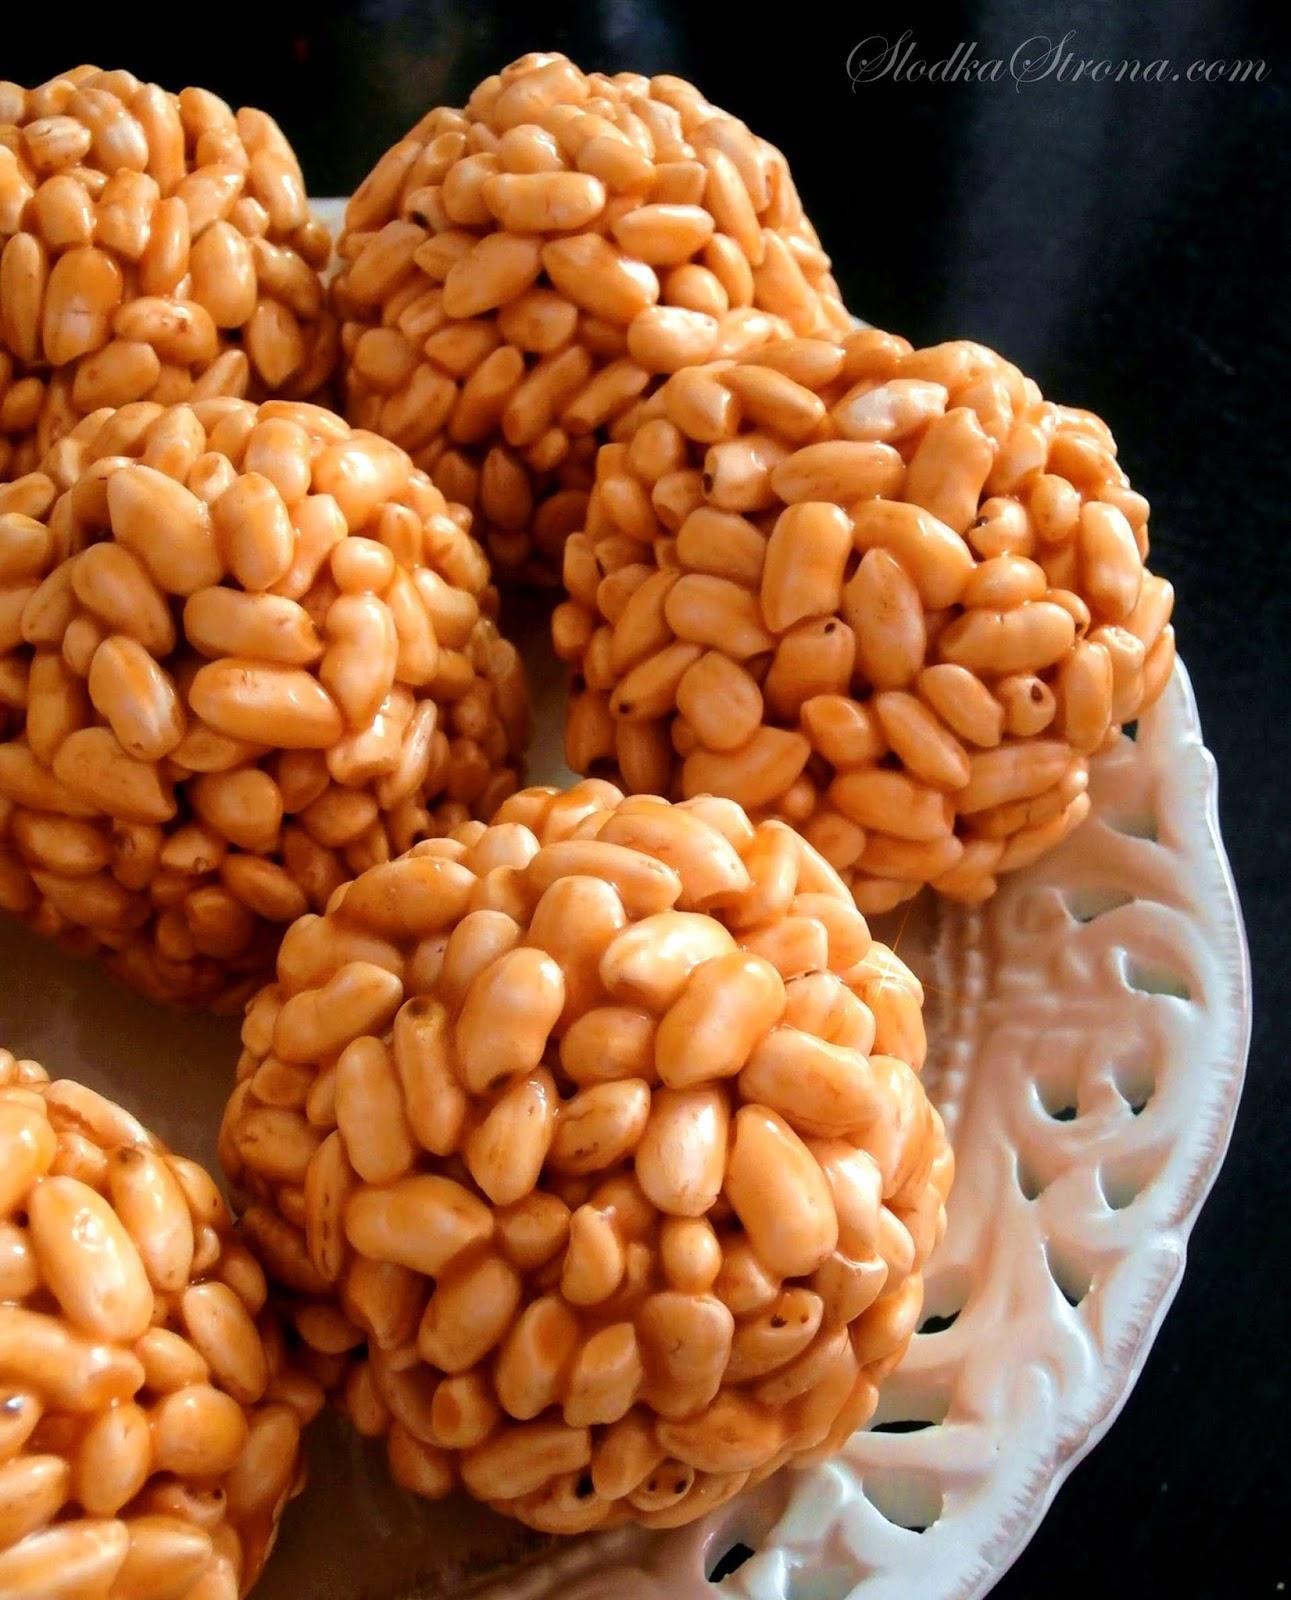 Szyszki z Ryżu Preparowanego (Dmuchanego) - Przepis - Słodka Strona